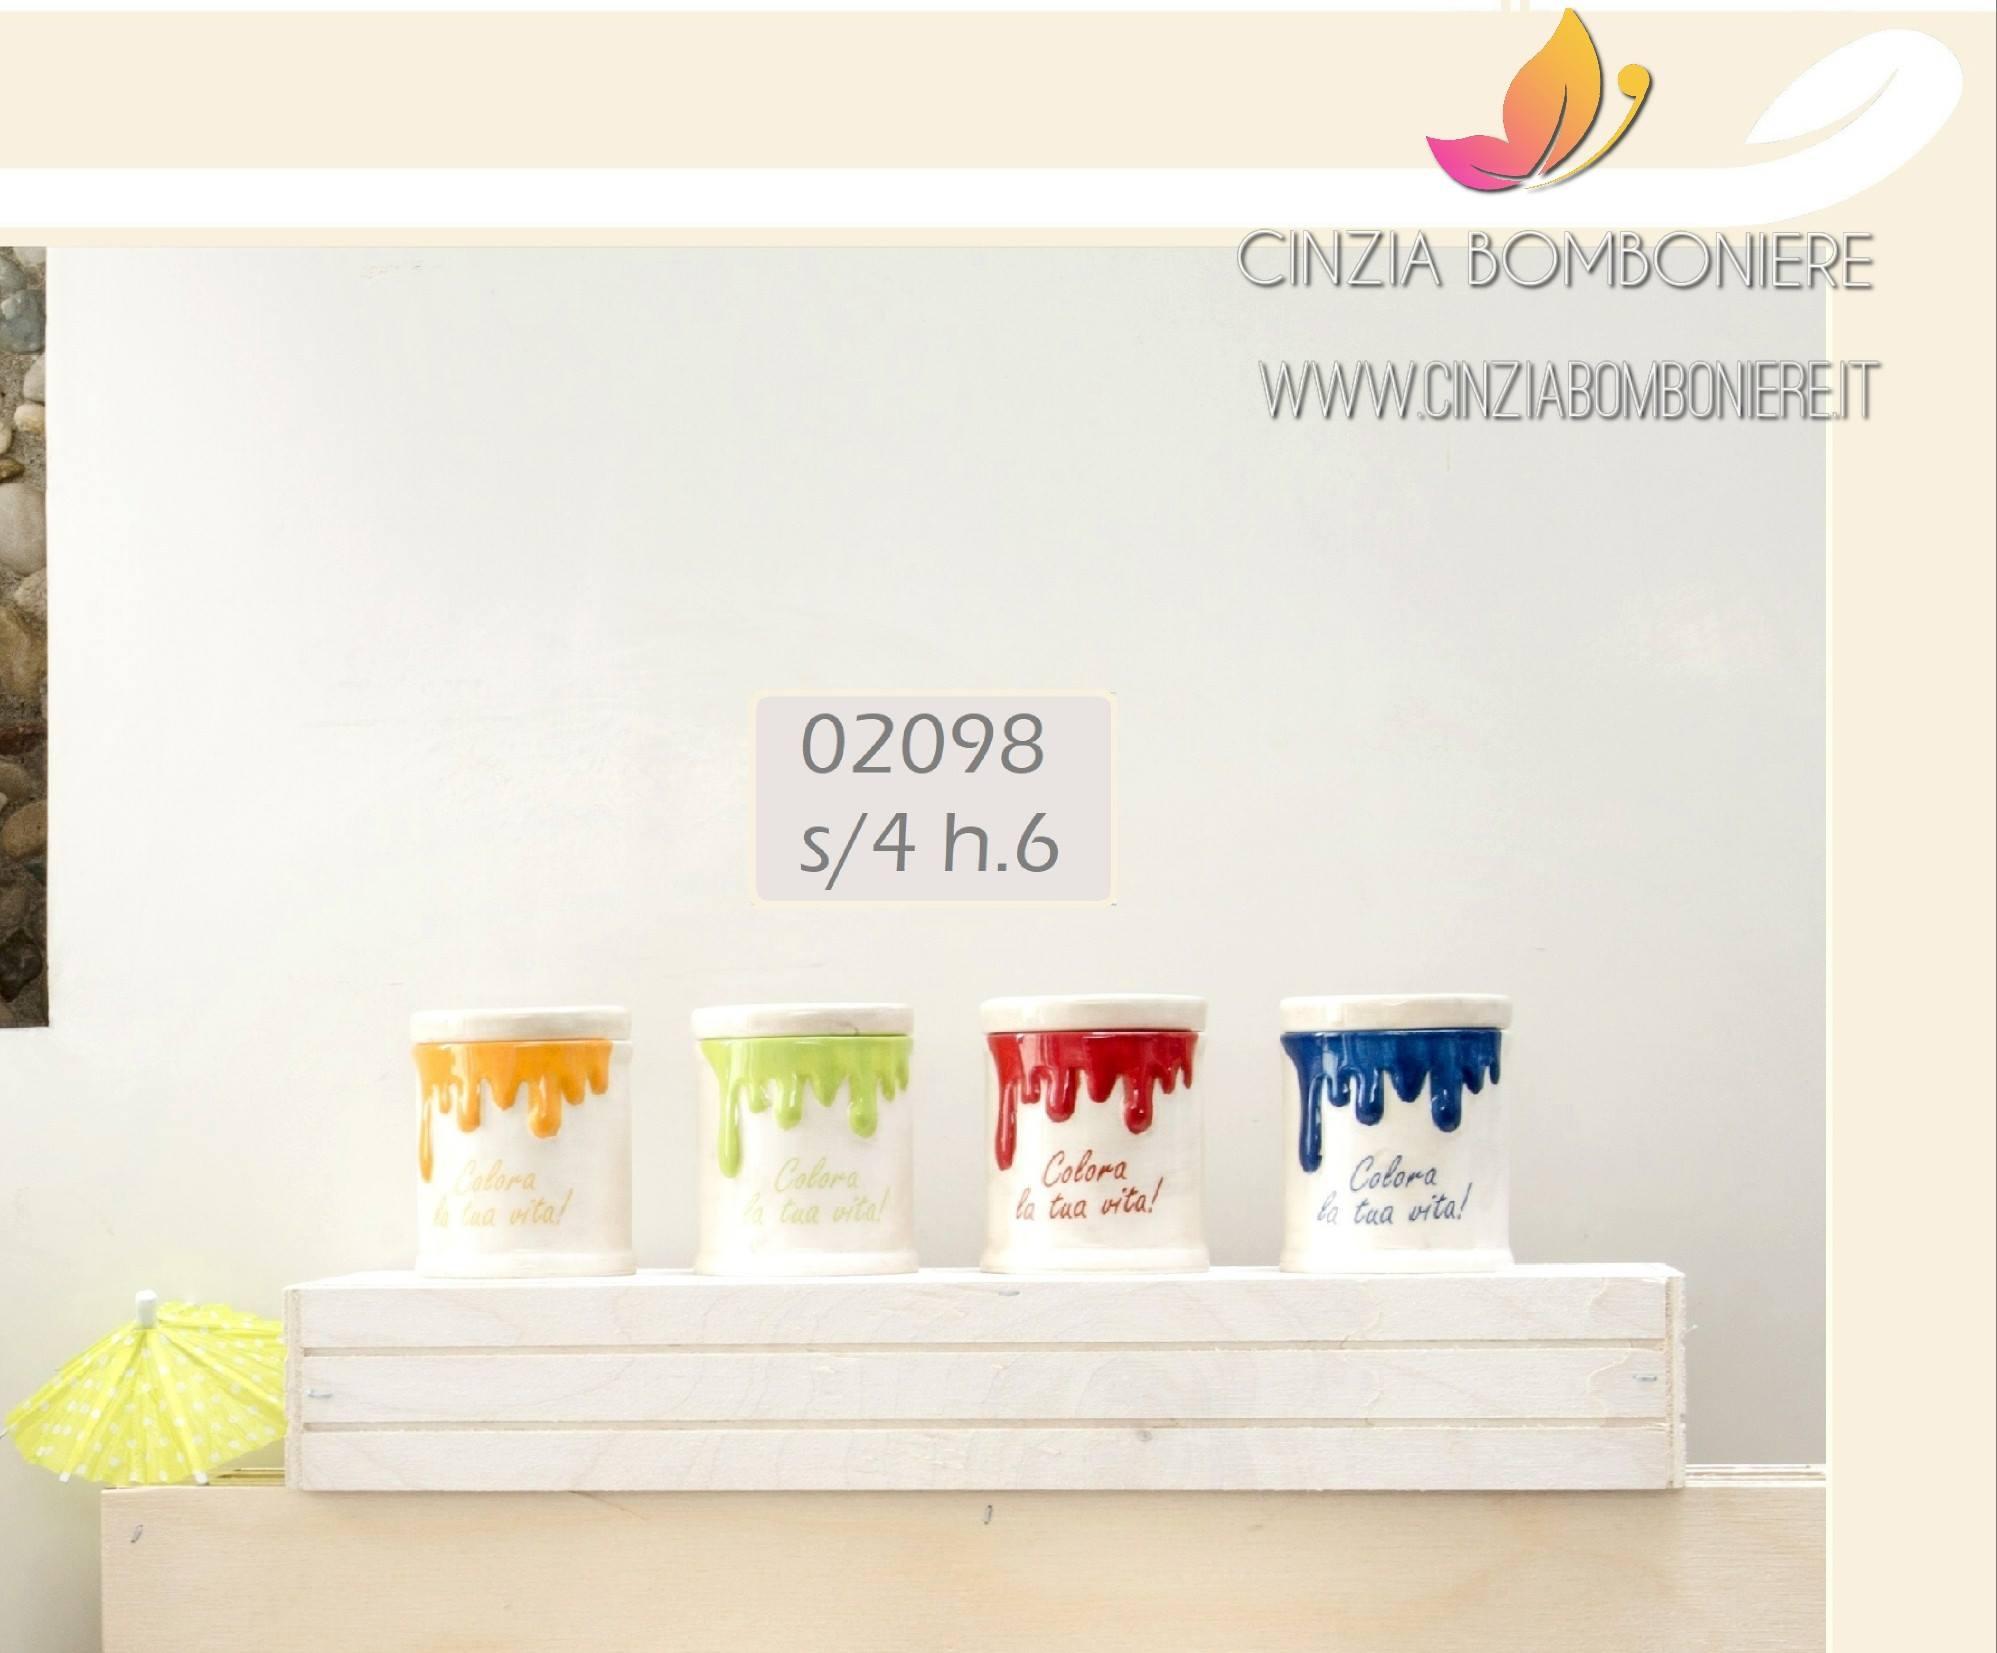 Barattoli ermetici colorati piccoli cb02098 cinzia - Barattoli cucina colorati ...